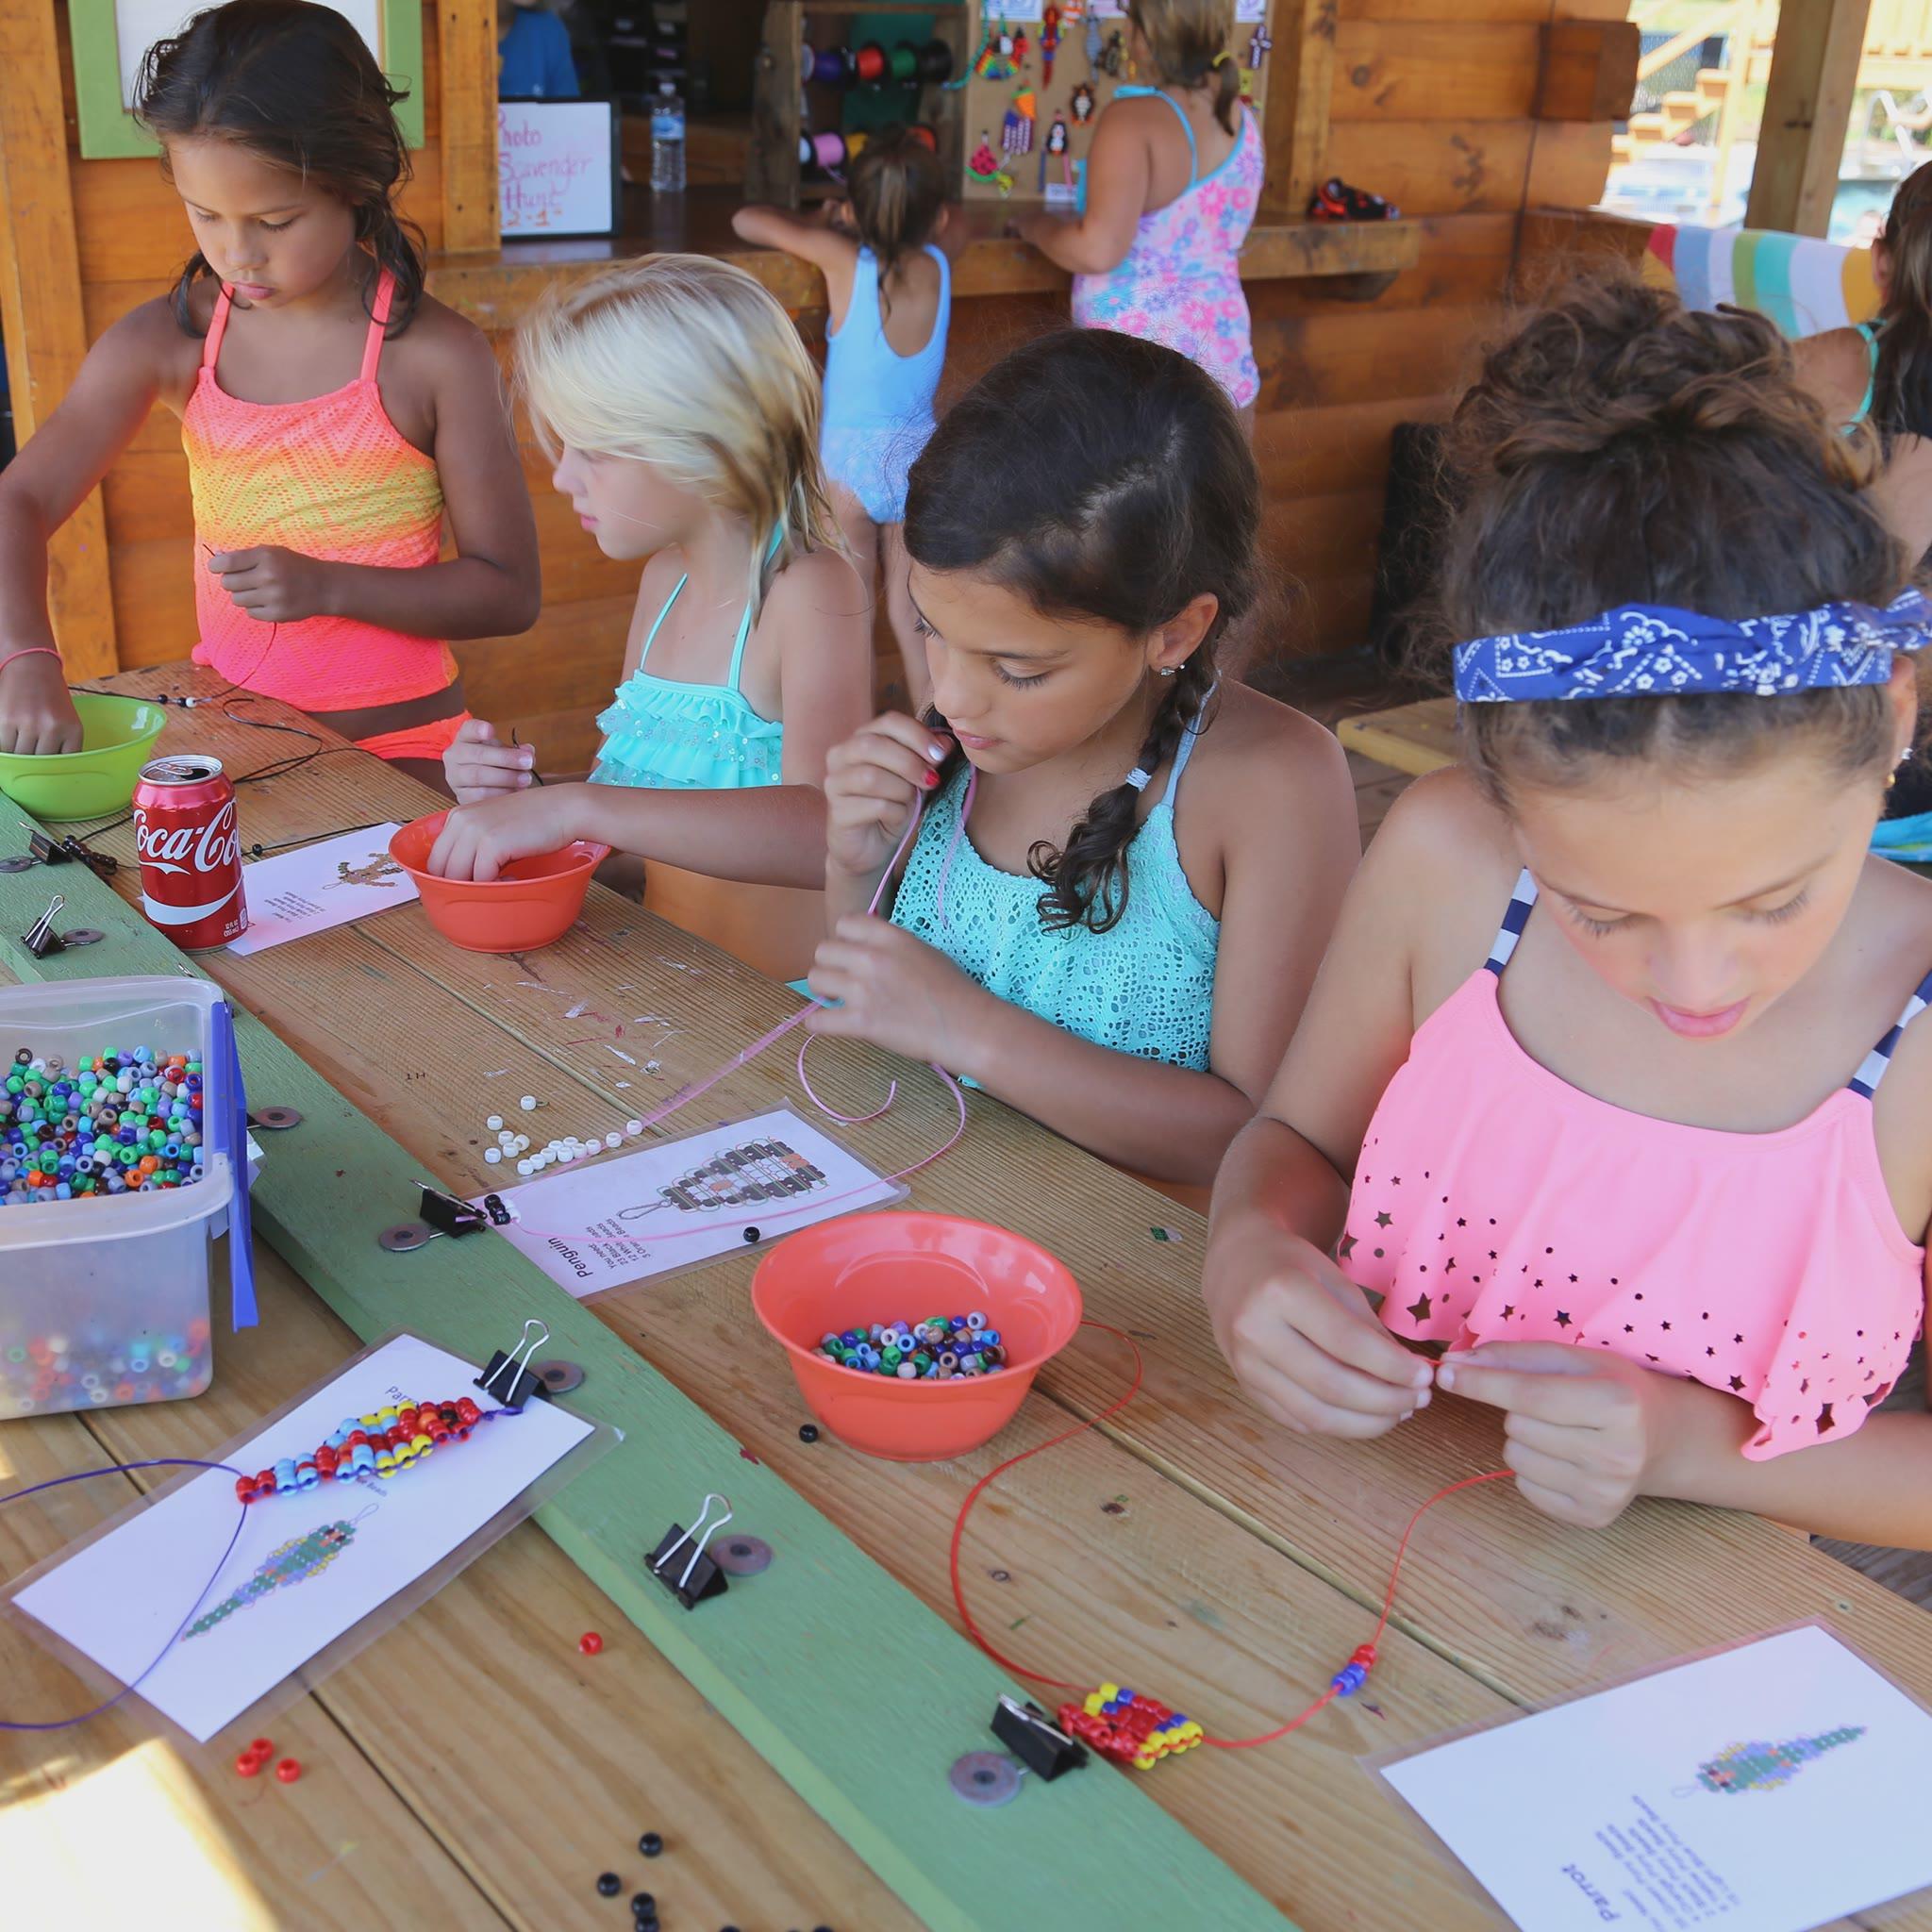 children at an activity center